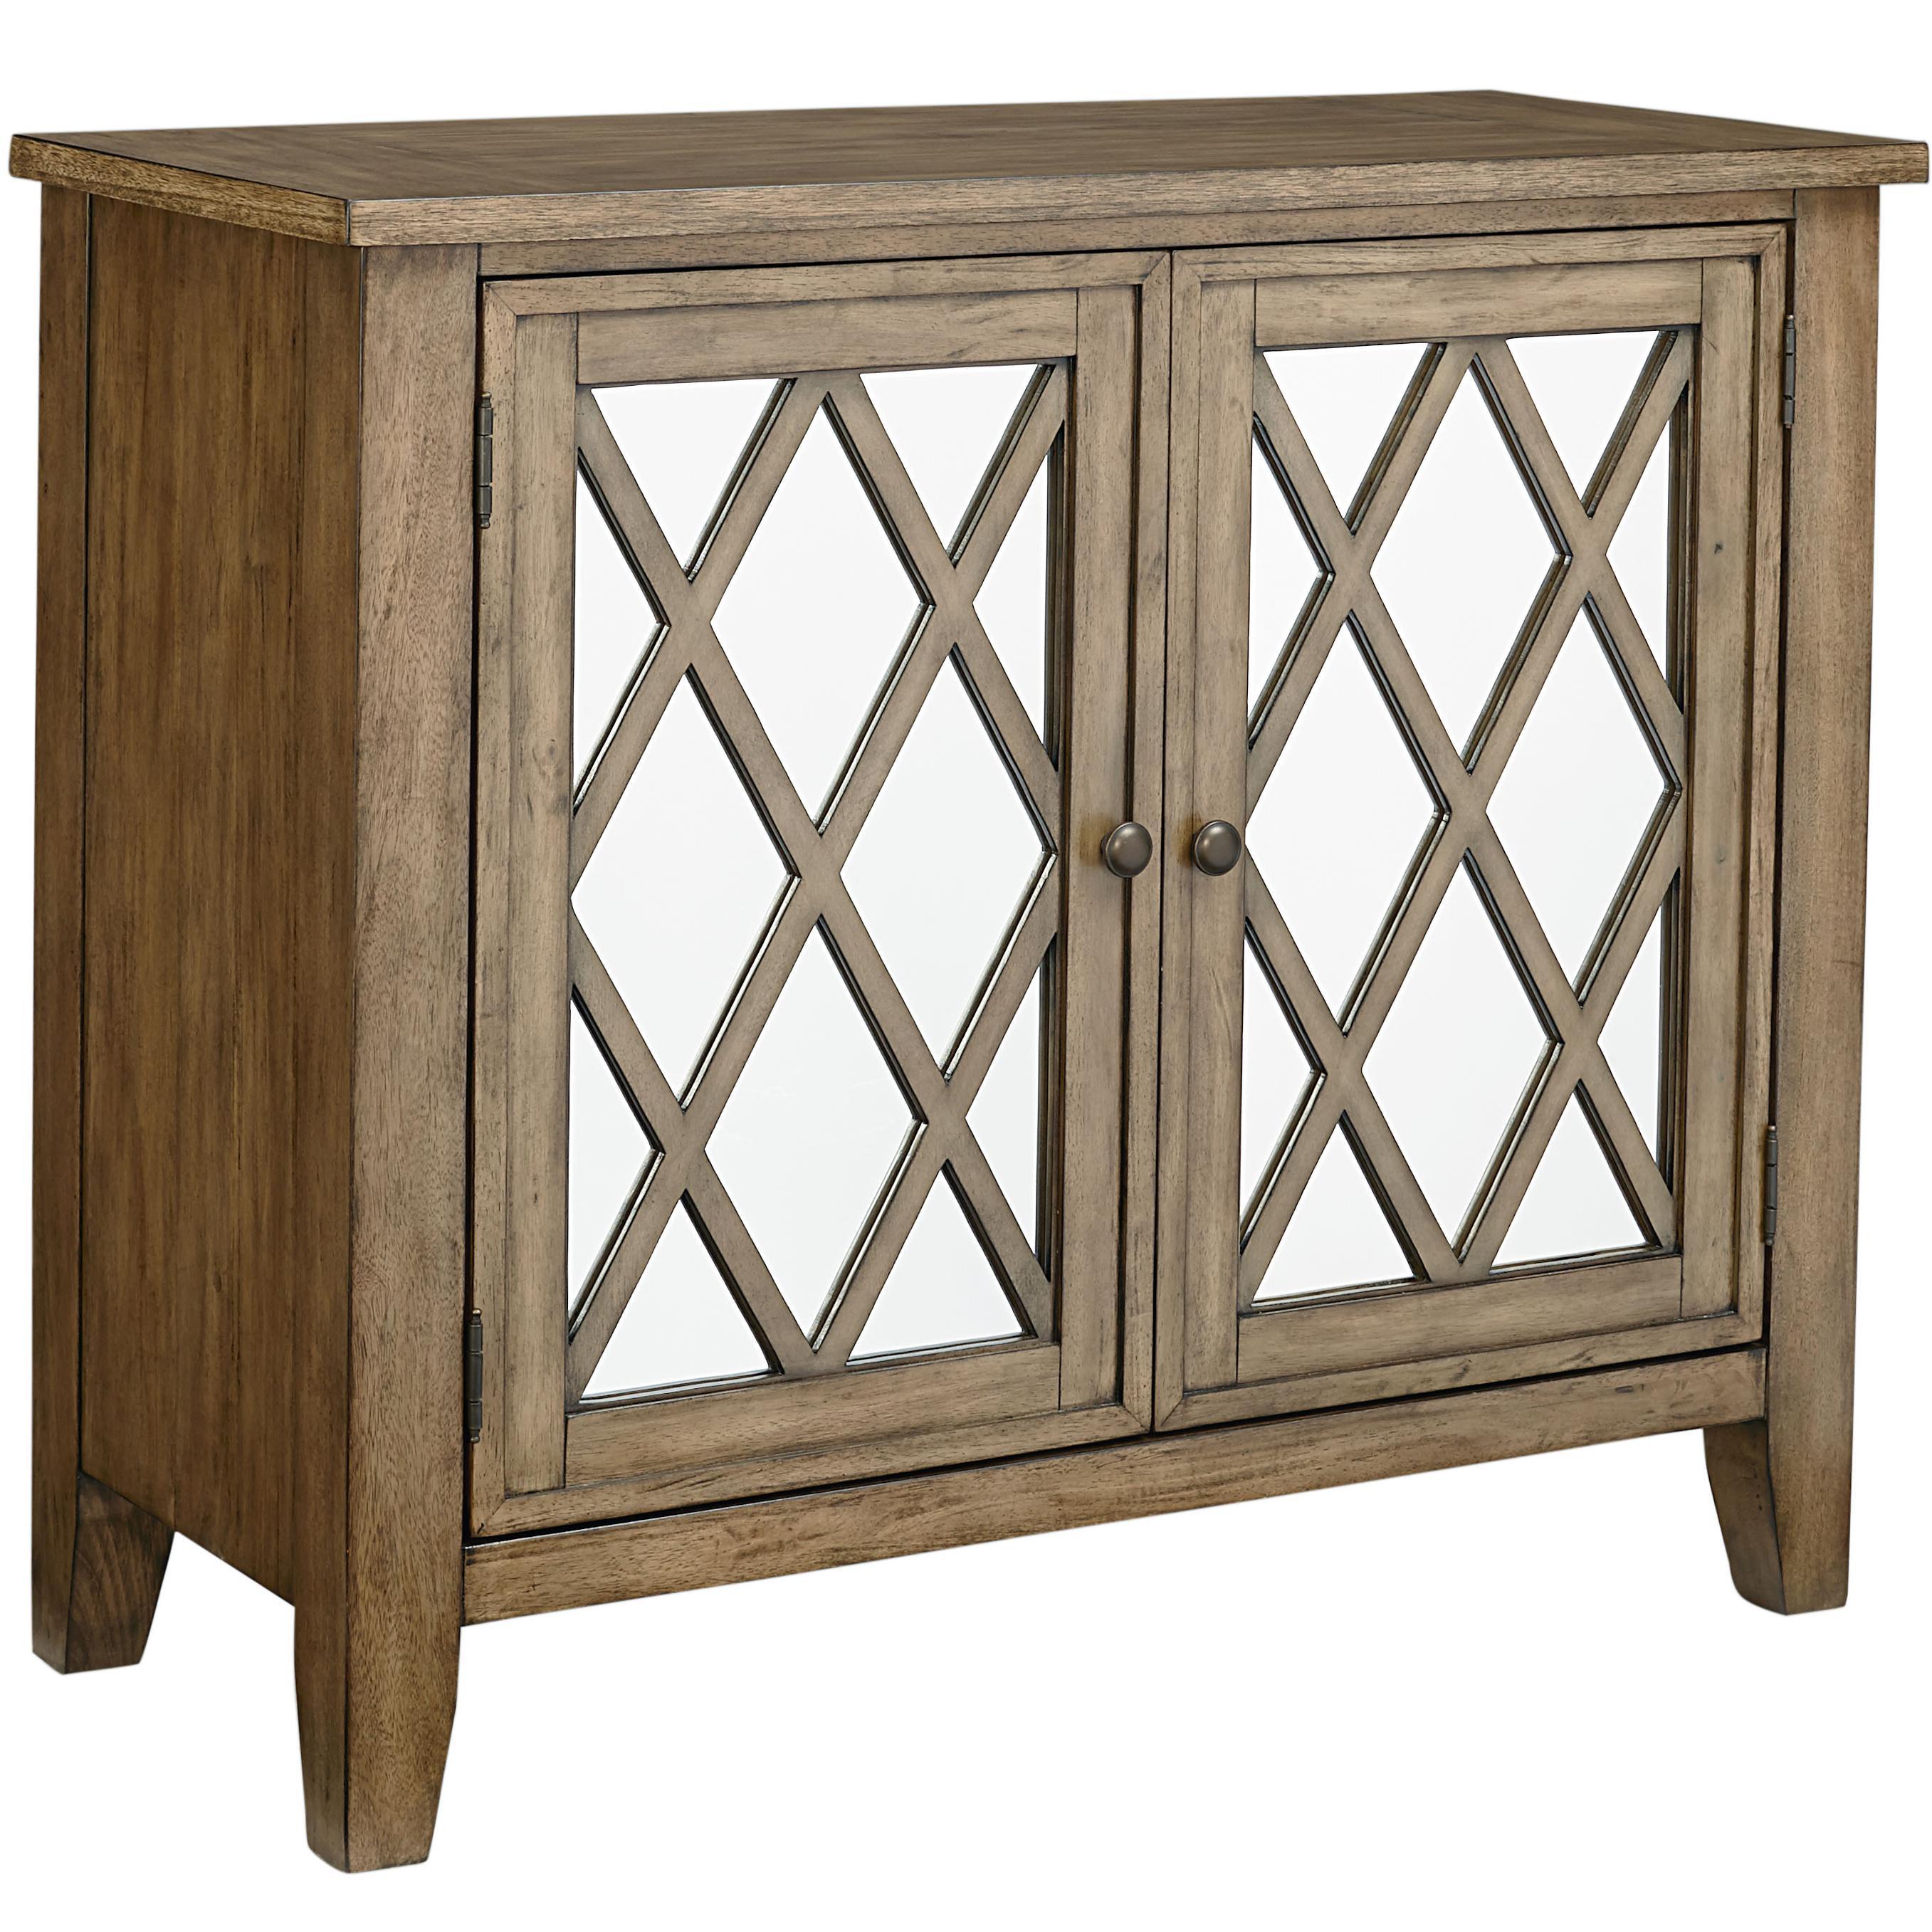 Standard Furniture Vintage Server - Item Number: 11319